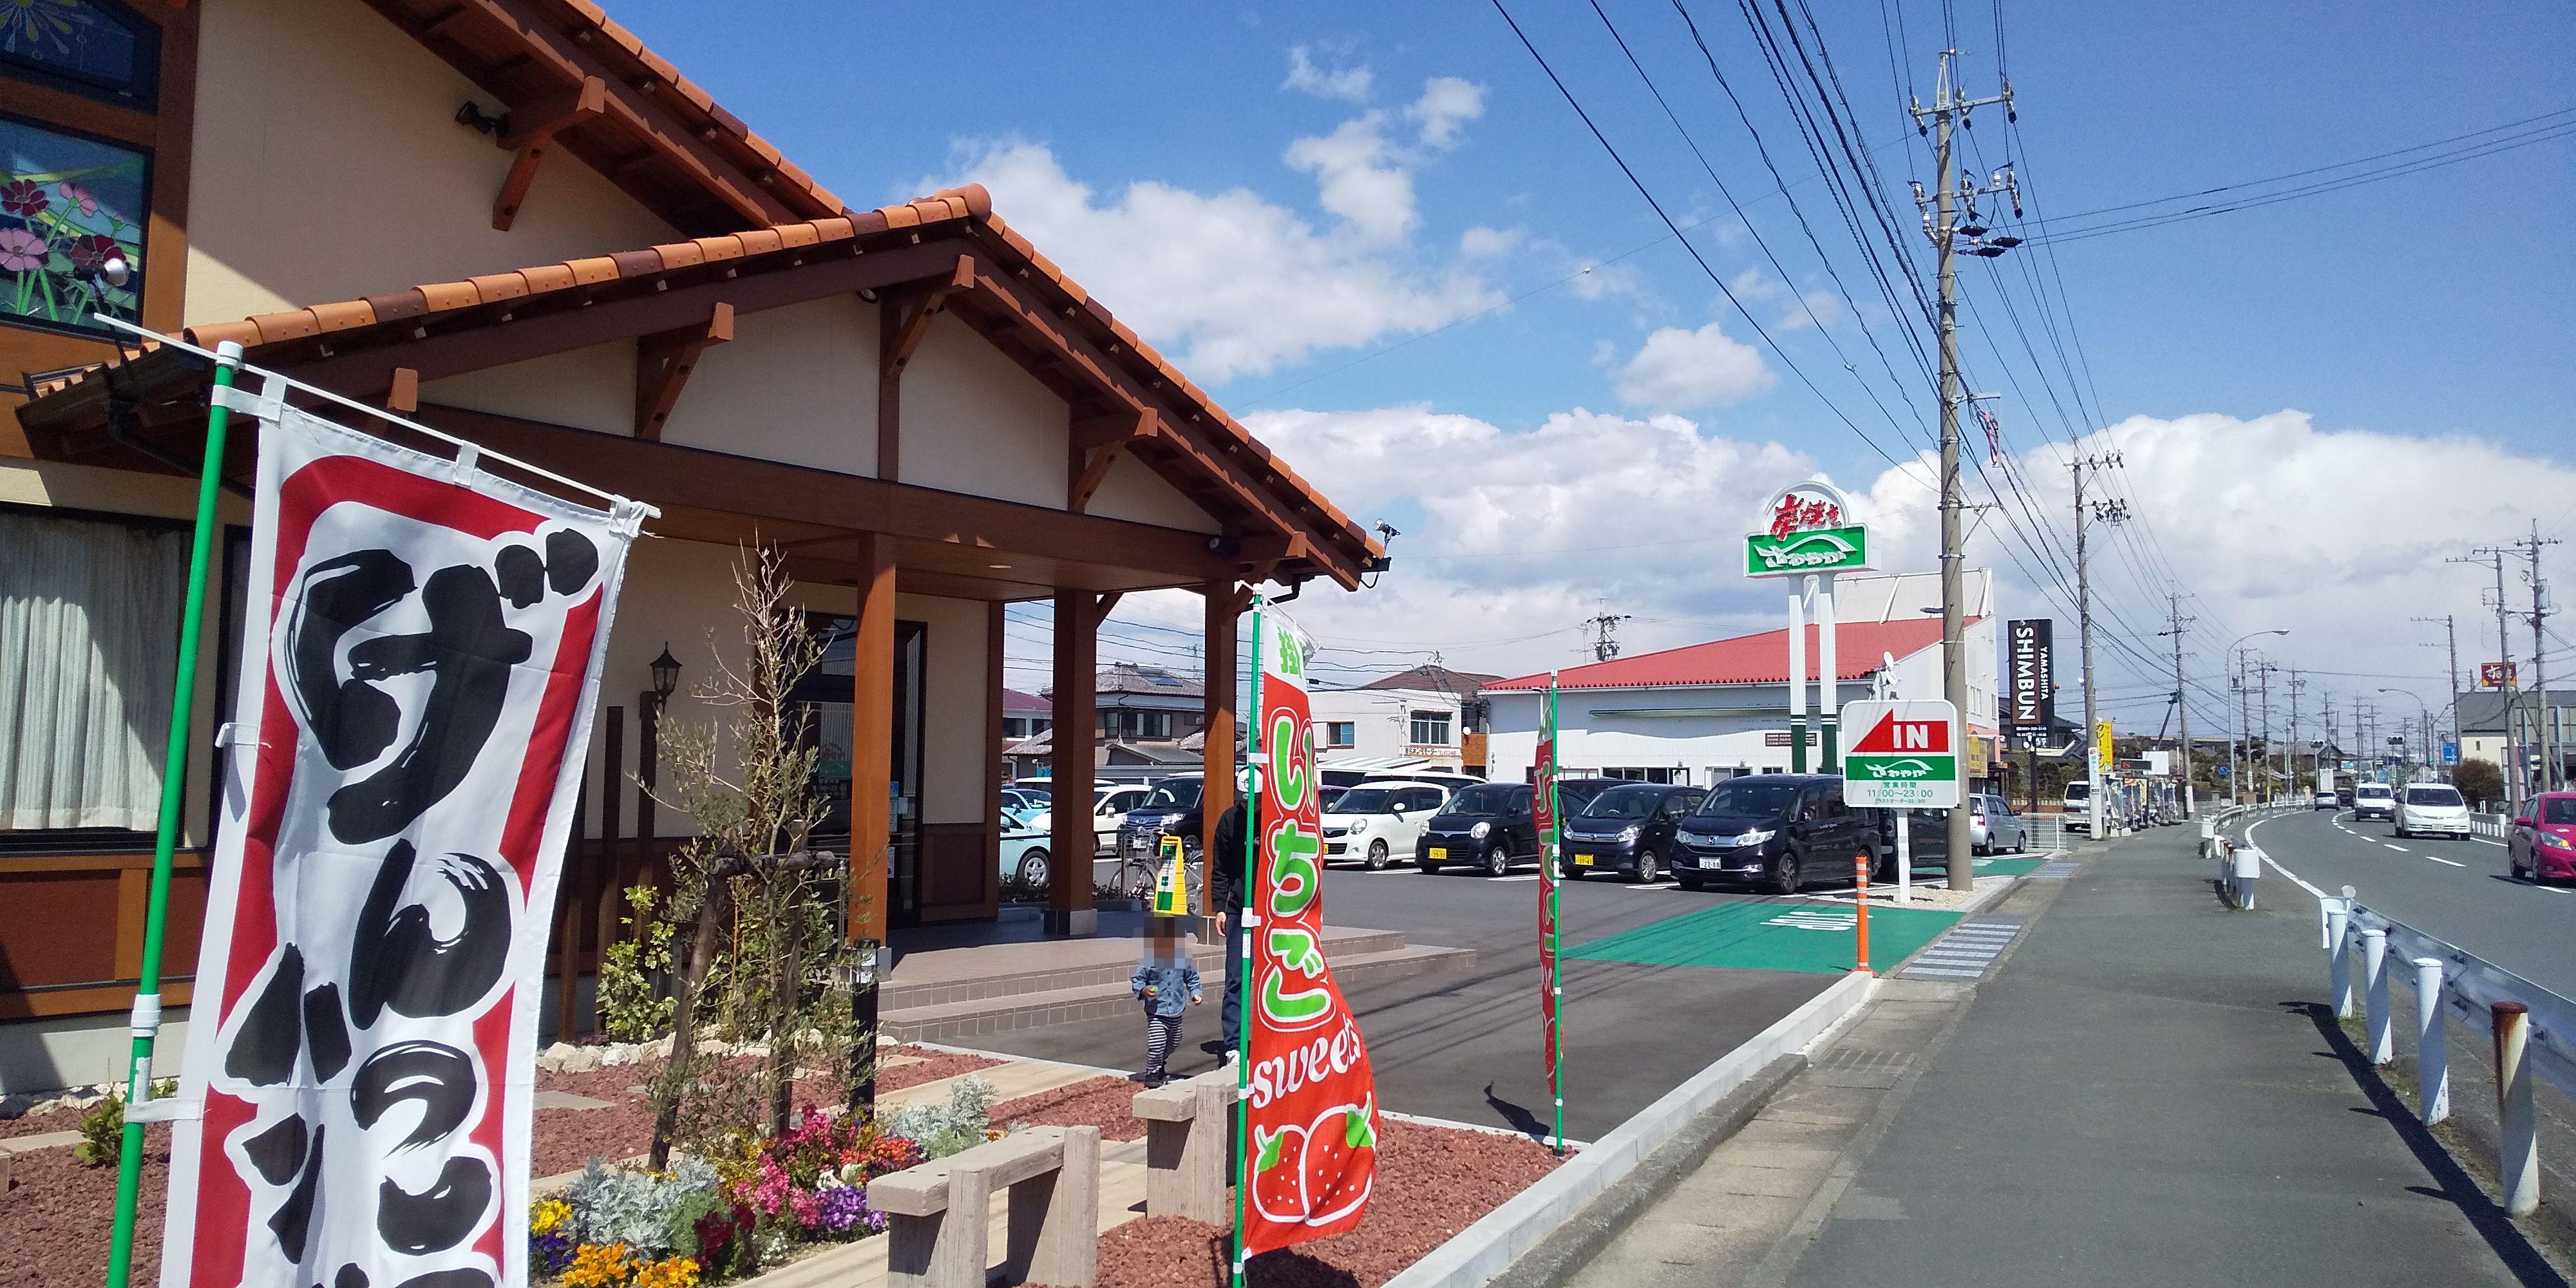 息子の引越しで静岡県袋井市に行ってきました。